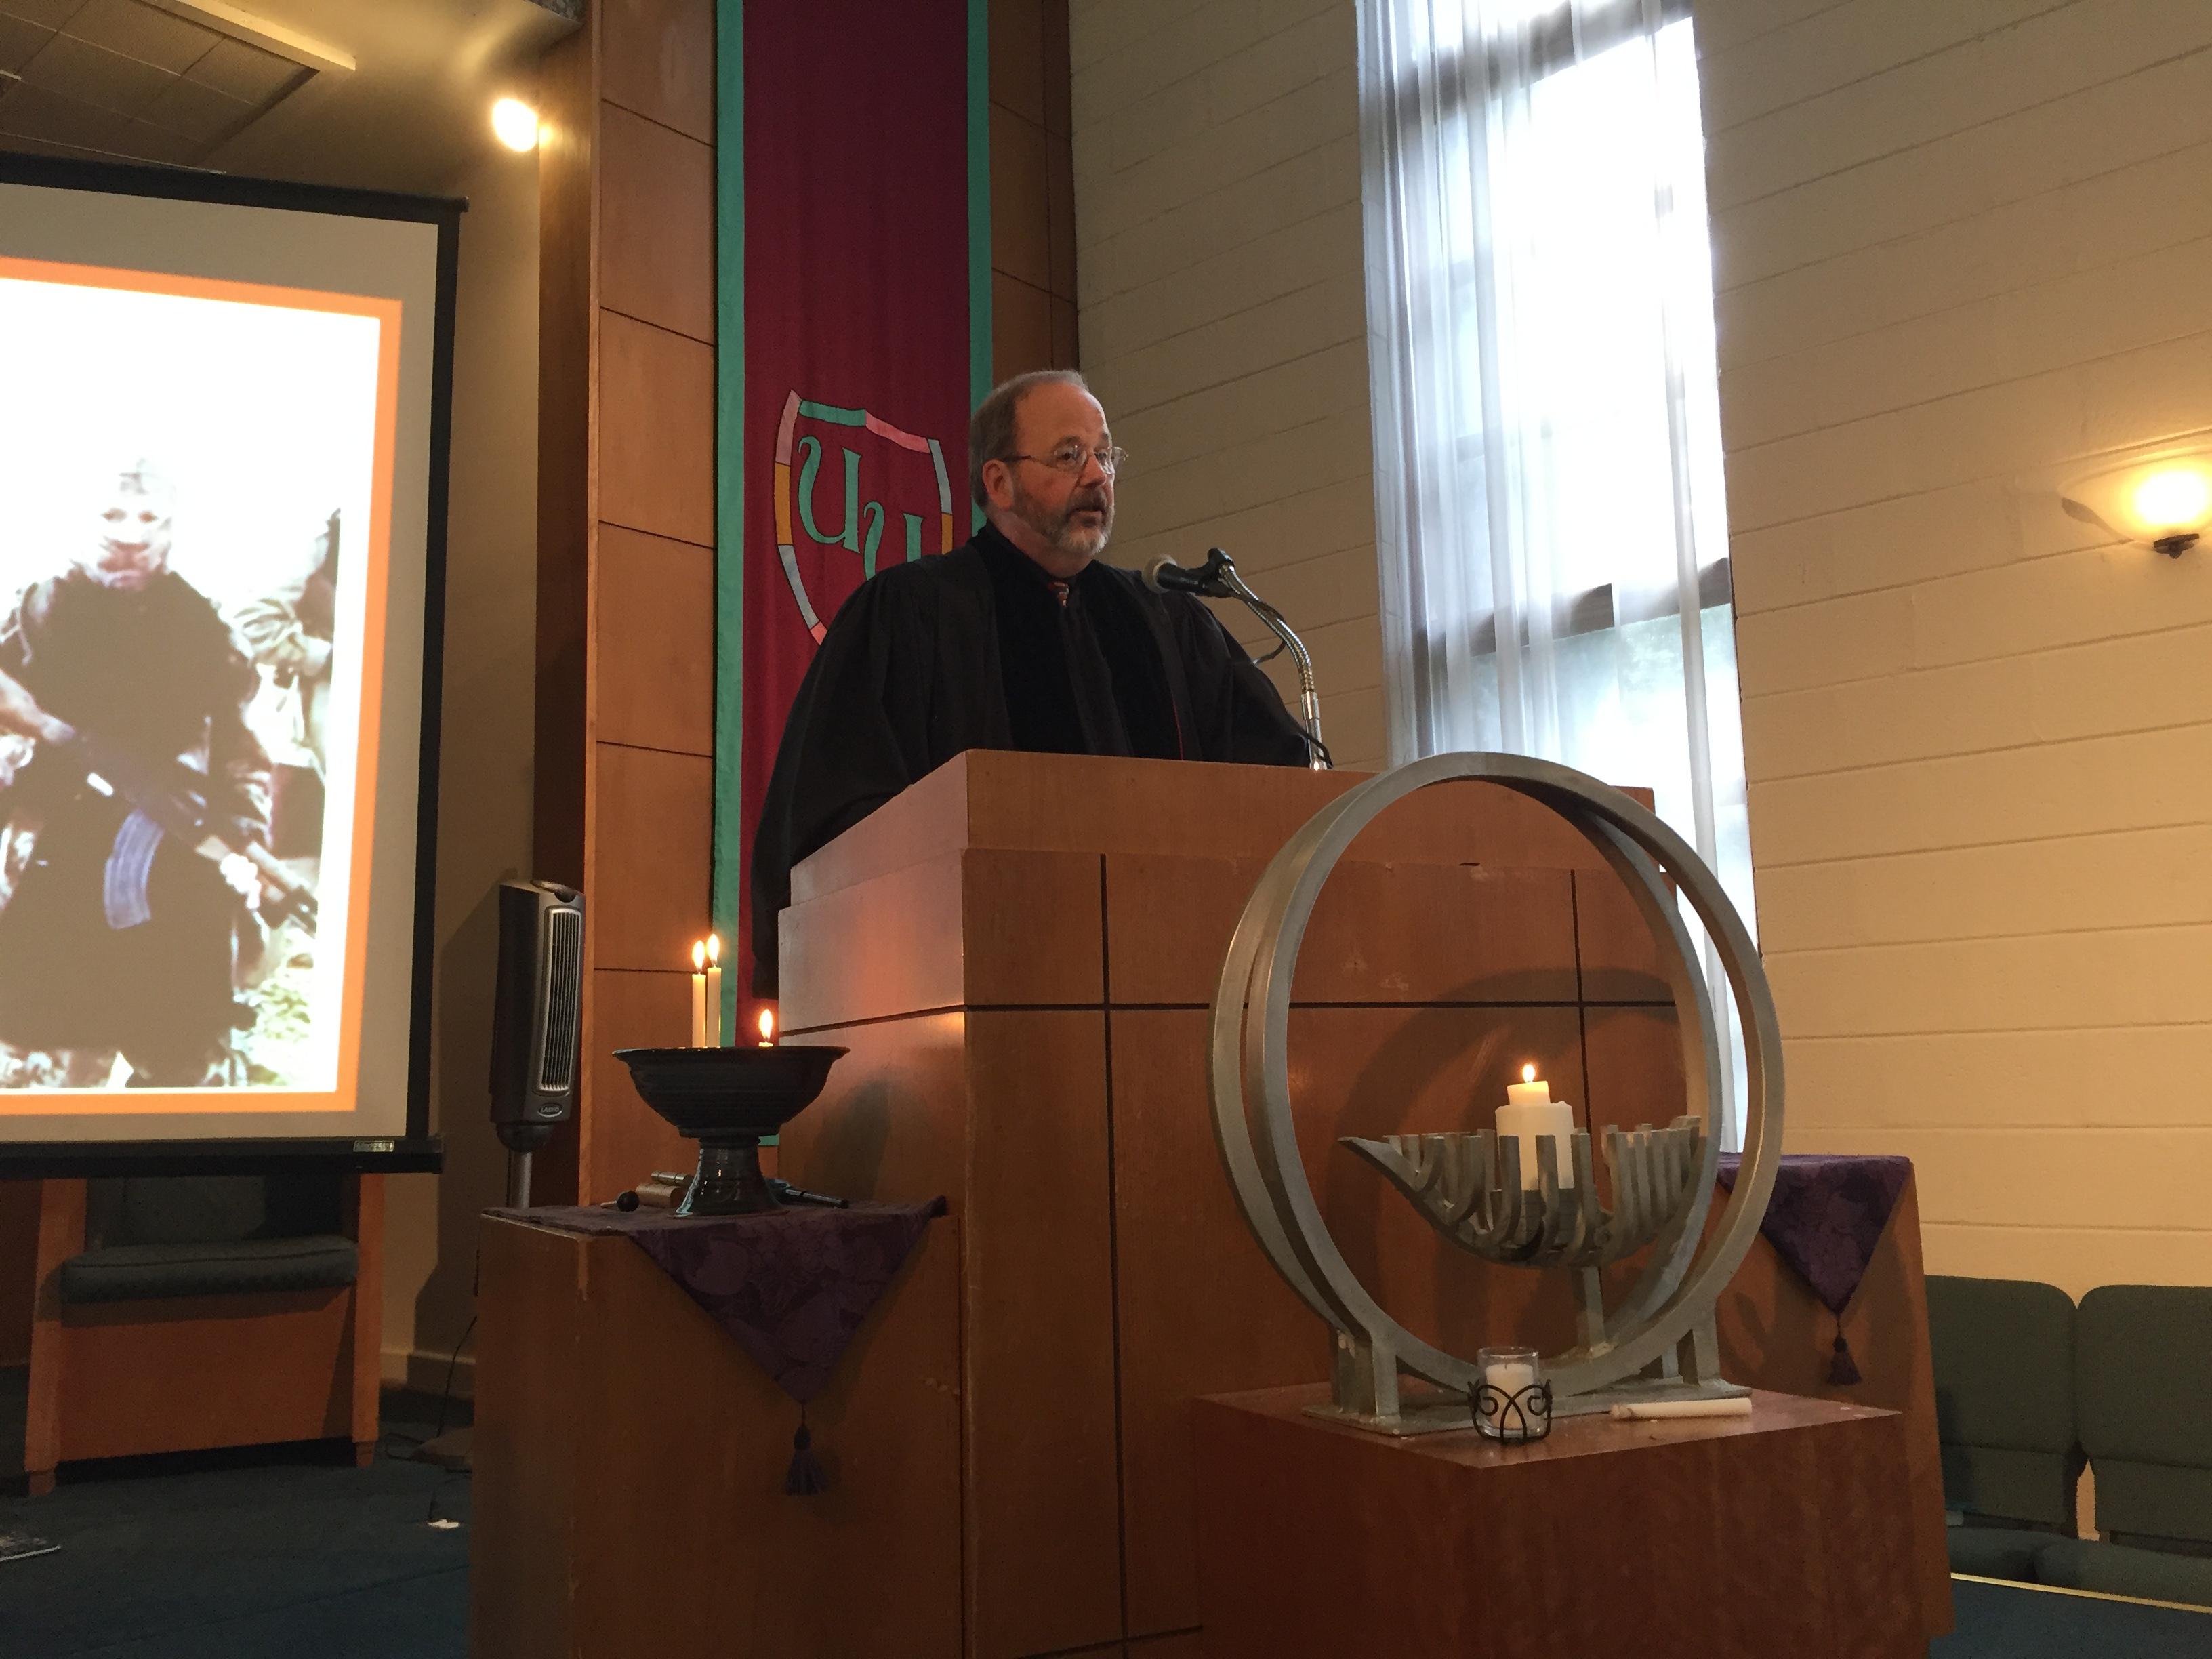 Reverend Jeff Liebmann in the pulpit